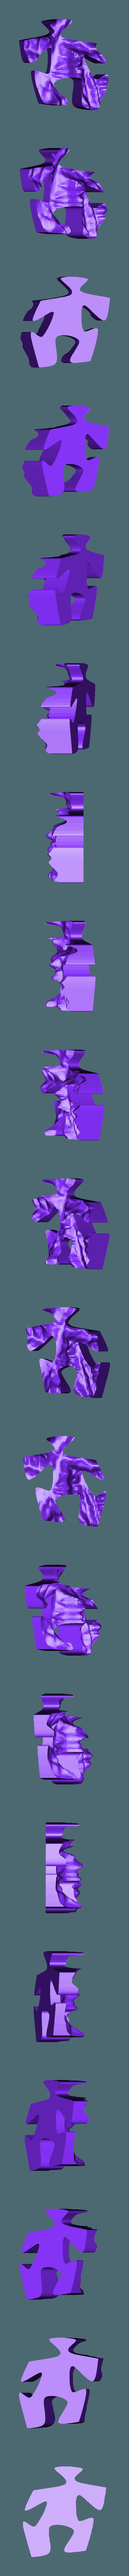 69.stl Télécharger fichier STL gratuit Echelle épique - Terrain - Zion NP • Objet à imprimer en 3D, TCP491016